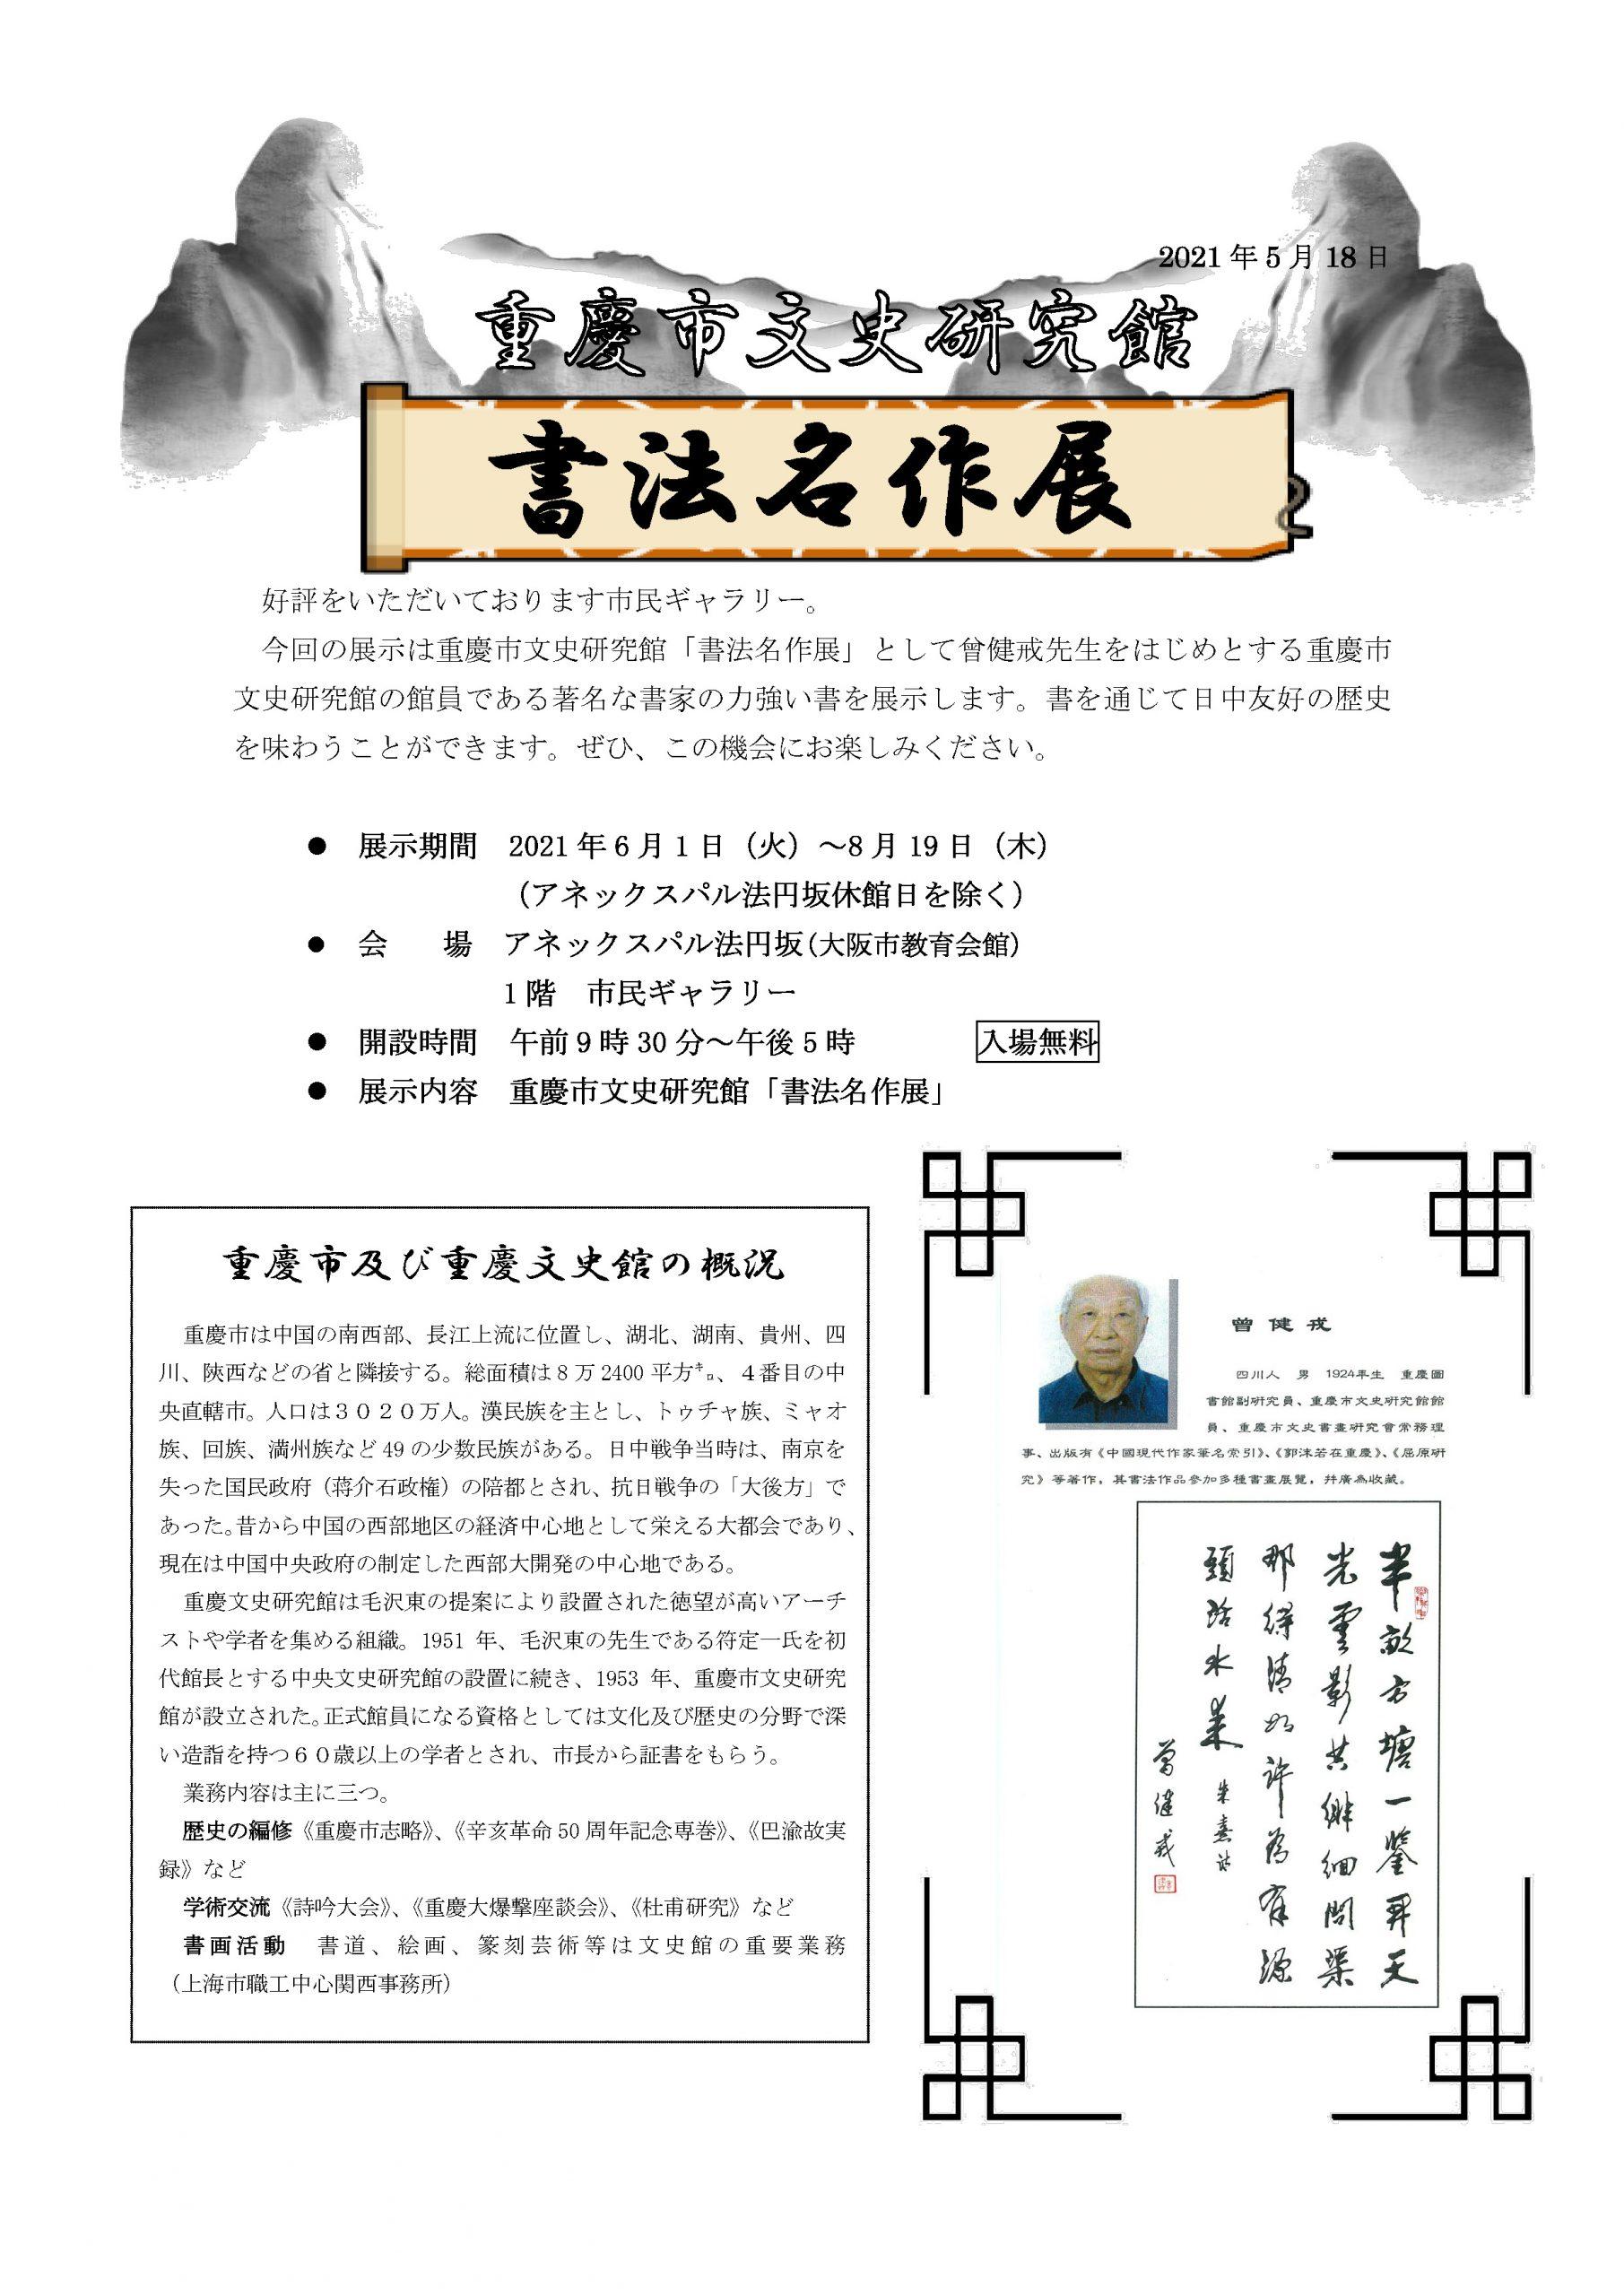 「重慶市文史研究館 書法名作展(2021年6月1日~8月19日)」を掲載しました